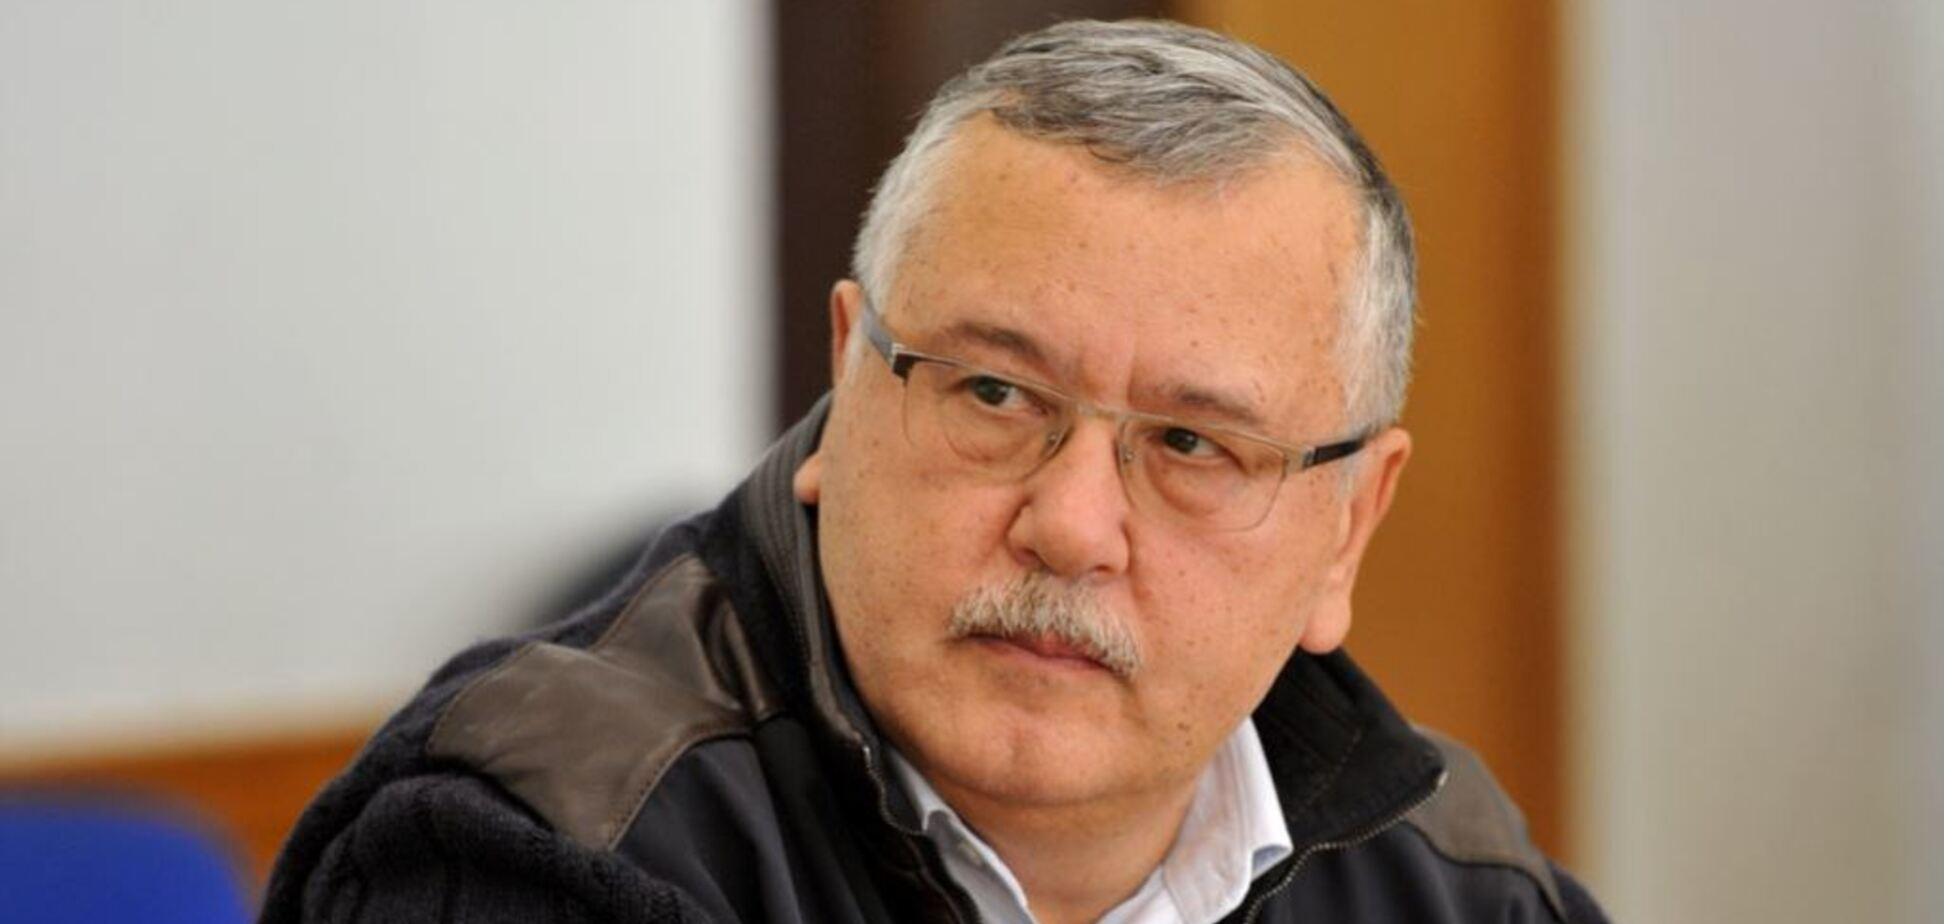 Гриценко ответил на обращение Вакарчука